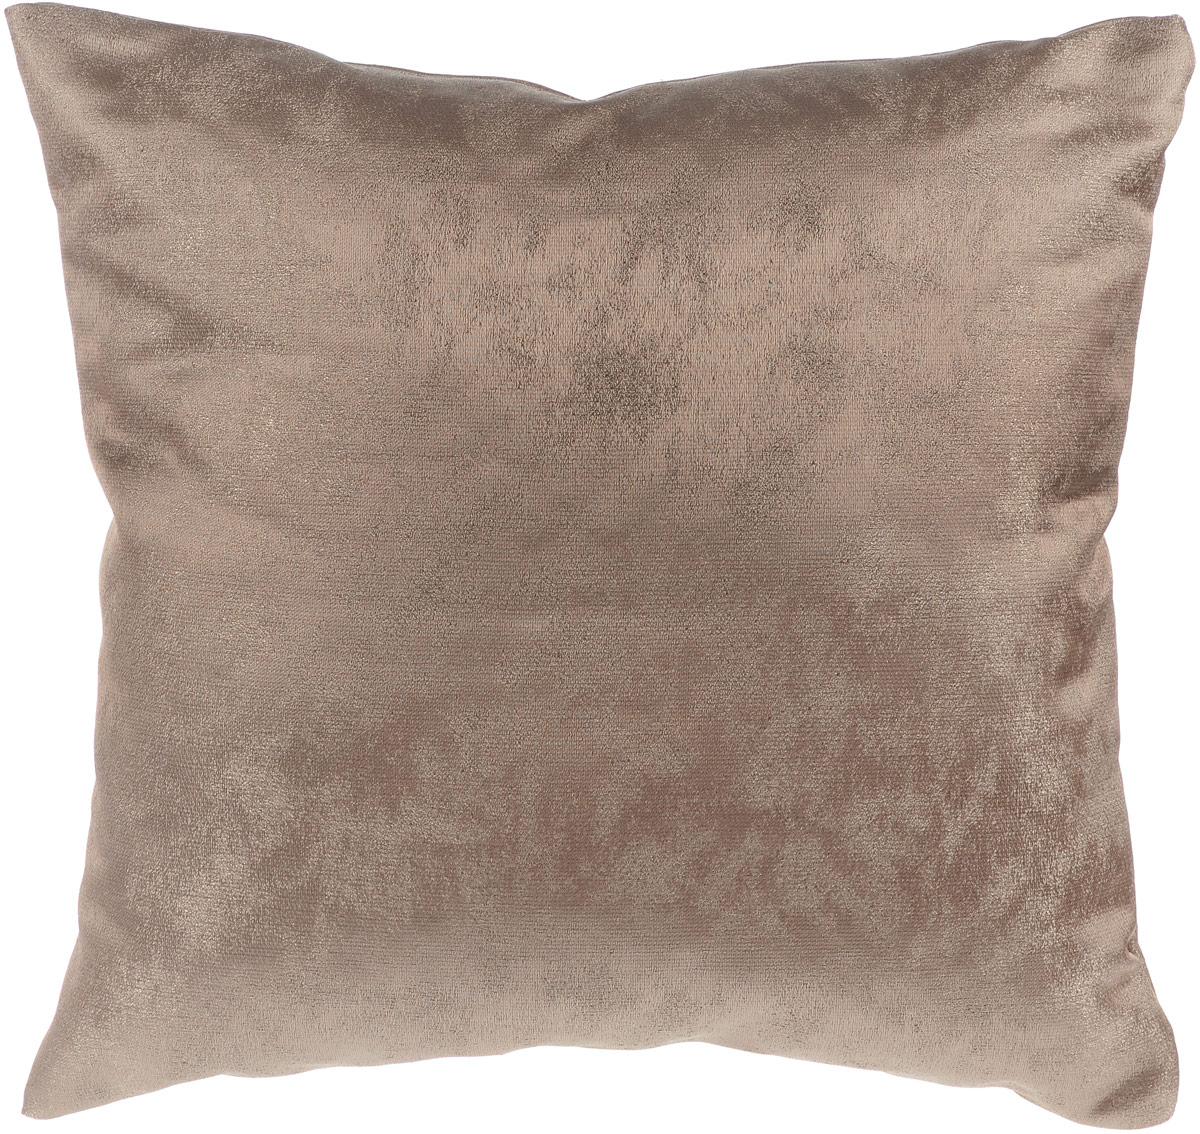 Подушка декоративная KauffOrt Магия, цвет: кофейный, 40 x 40 смBW-4753Декоративная подушка Магия прекрасно дополнит интерьер спальни или гостиной. Очень нежный на ощупь чехол подушки выполнен из прочного полиэстера. Внутри находится мягкий наполнитель. Чехол легко снимается благодаря потайной молнии.Красивая подушка создаст атмосферу уюта и комфорта в спальне и станет прекрасным элементом декора.